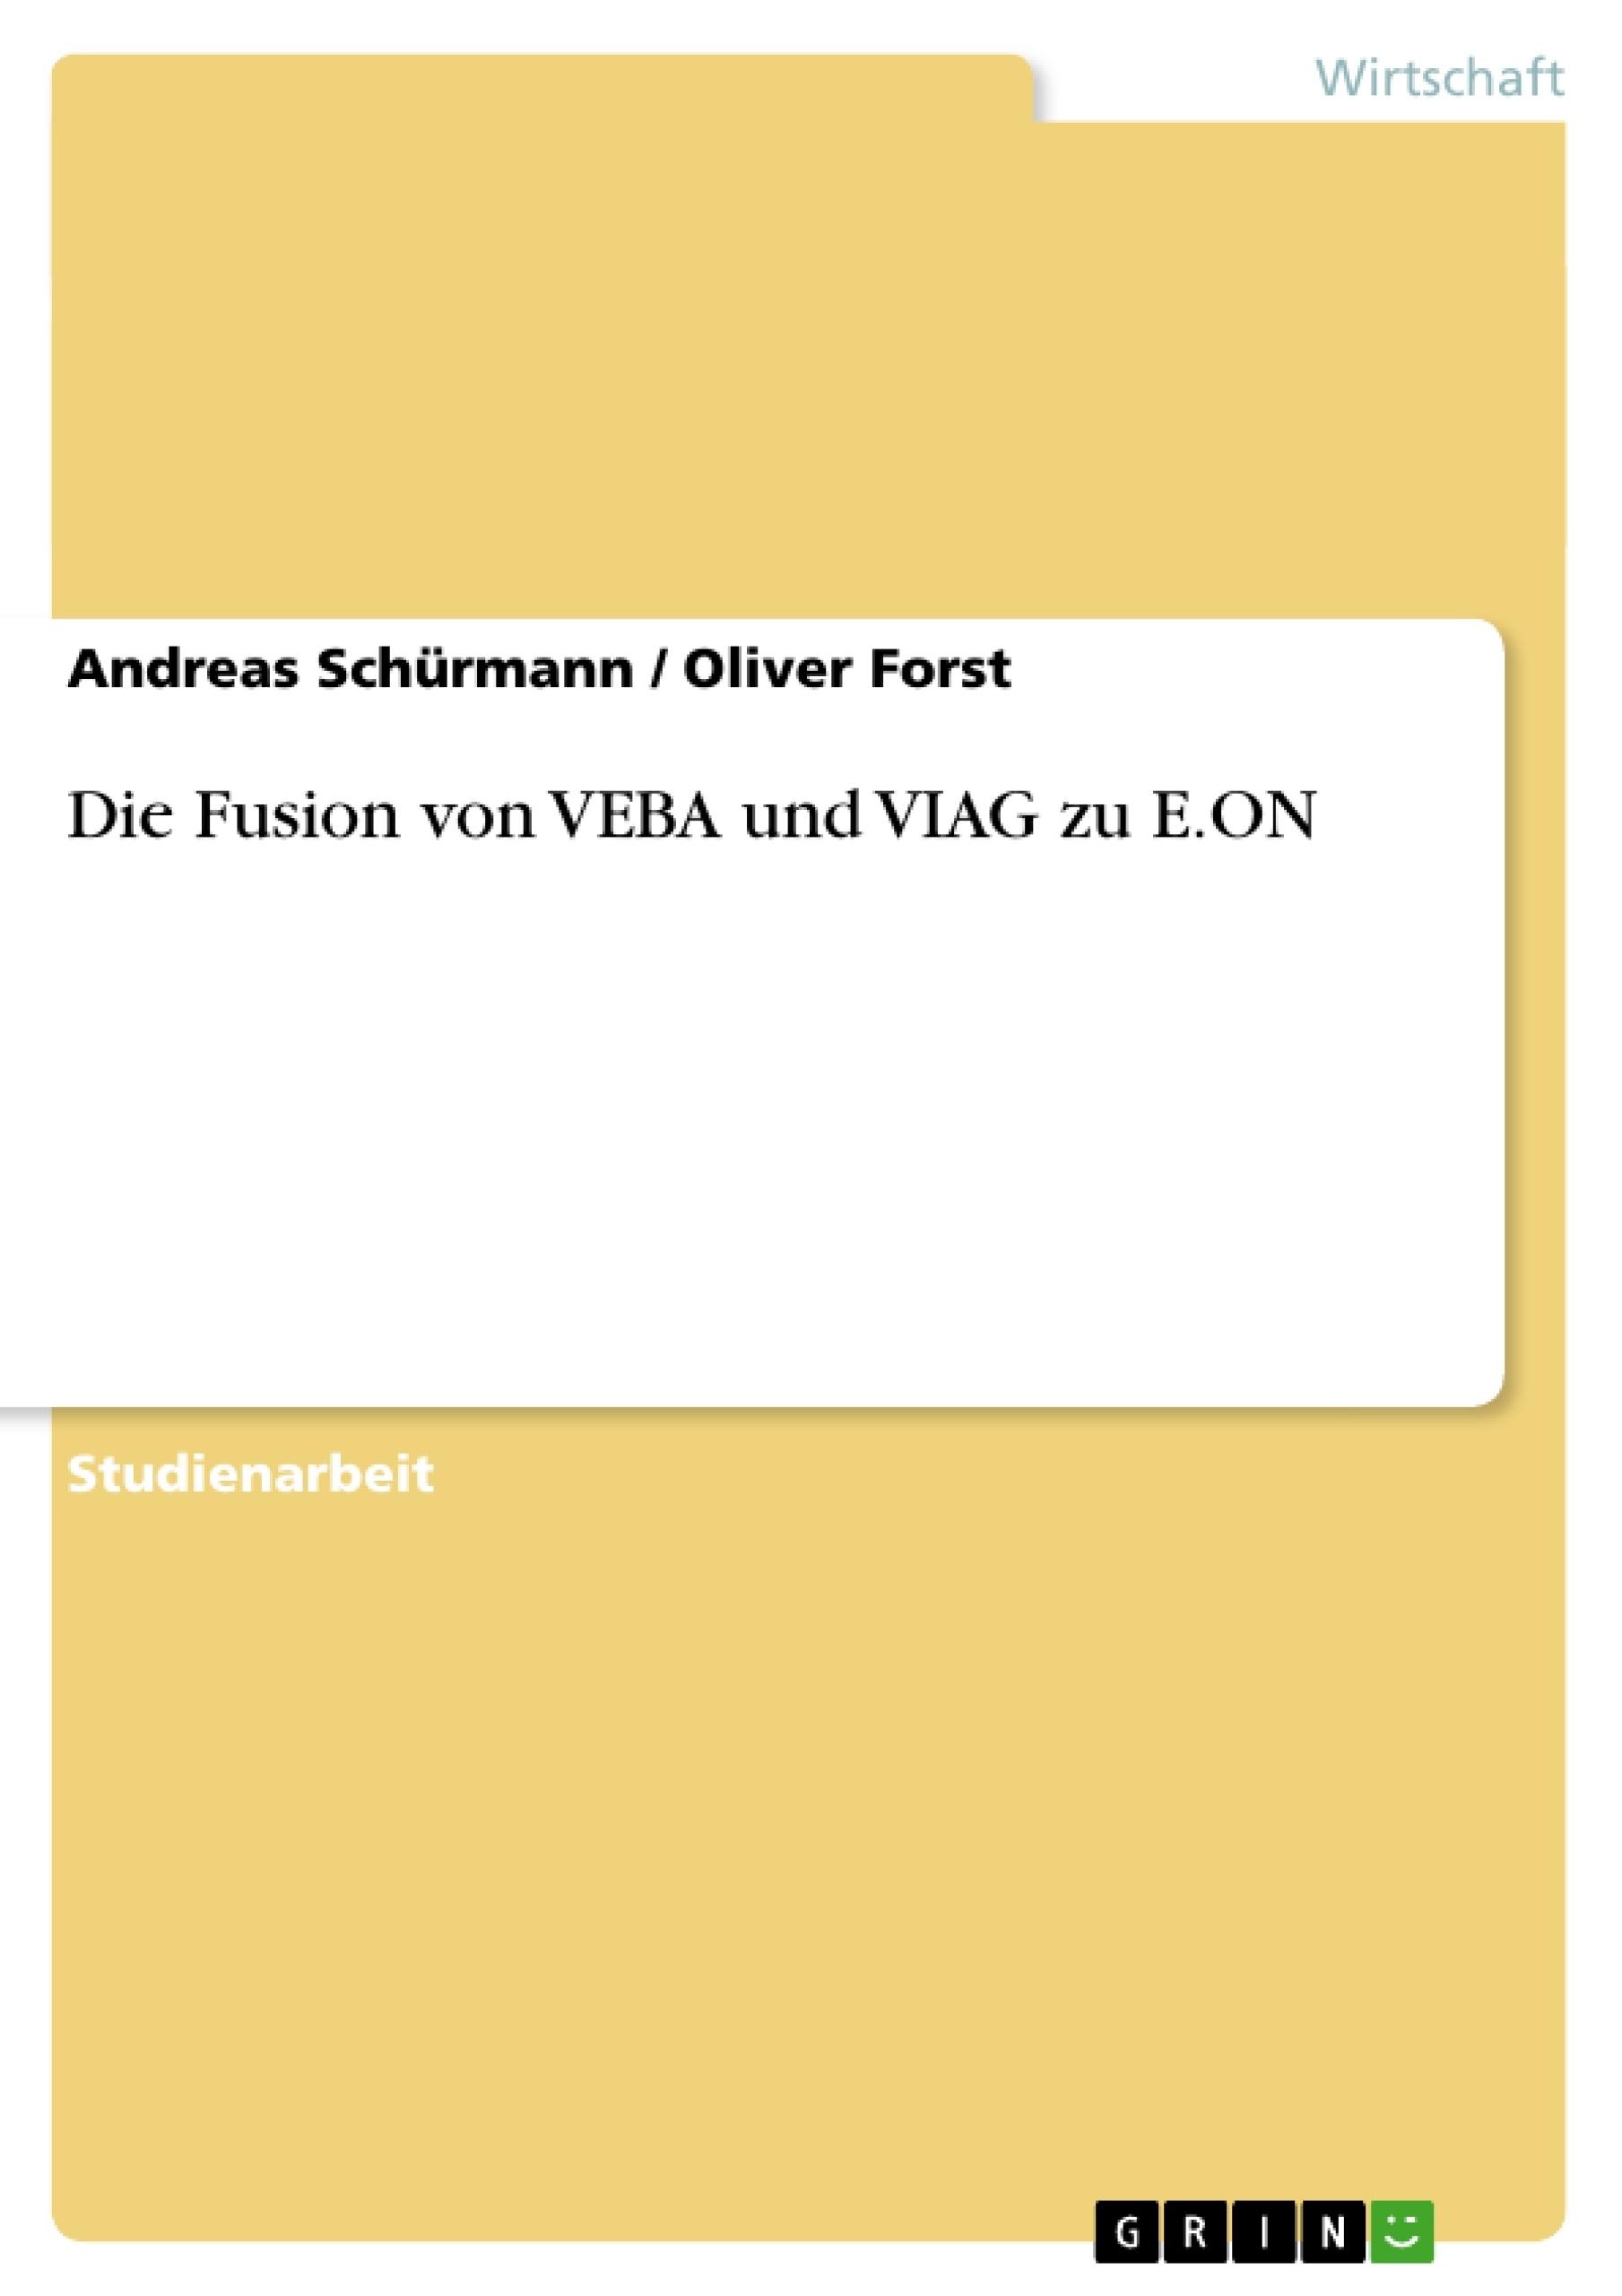 Titel: Die Fusion von VEBA und VIAG zu E.ON